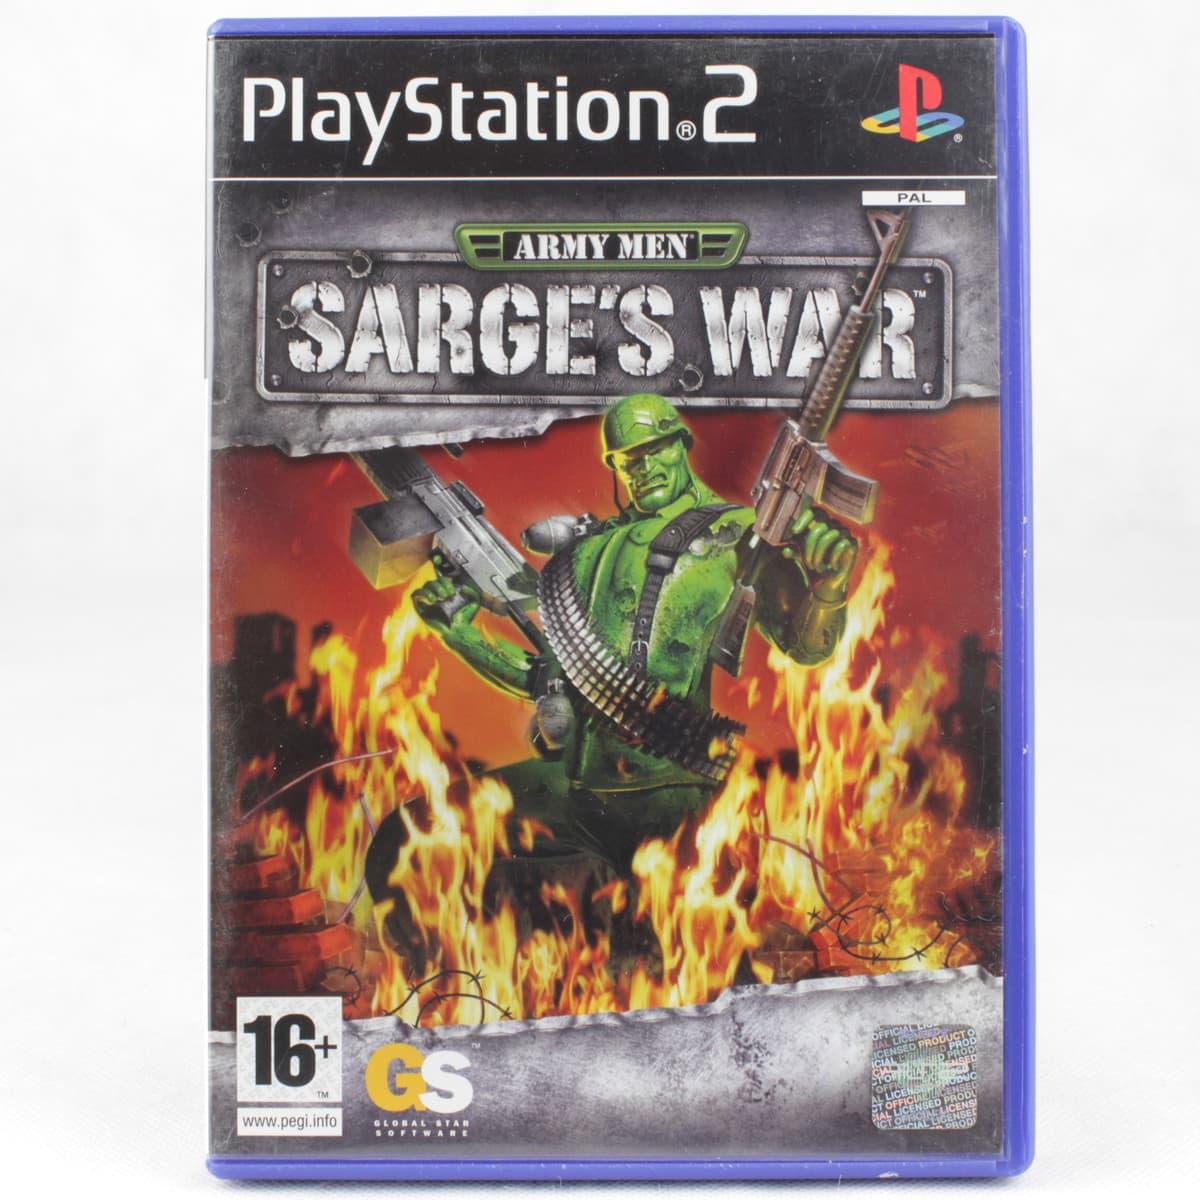 Army Men: Sarge's War (PS2)